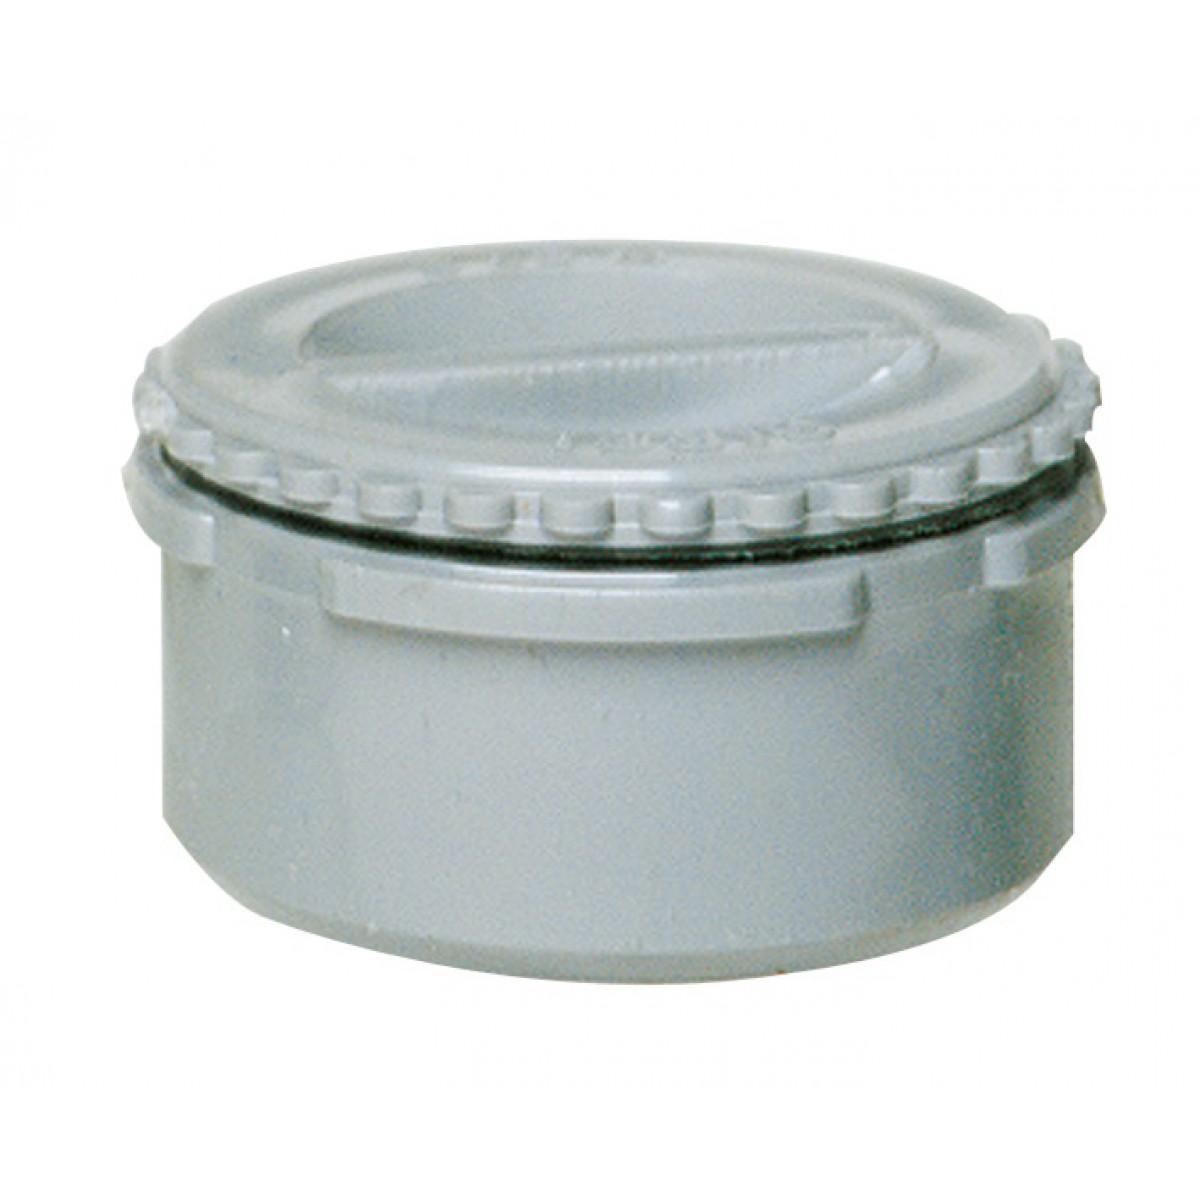 Bouchon de visite Femelle Girpi - Diamètre 40 mm